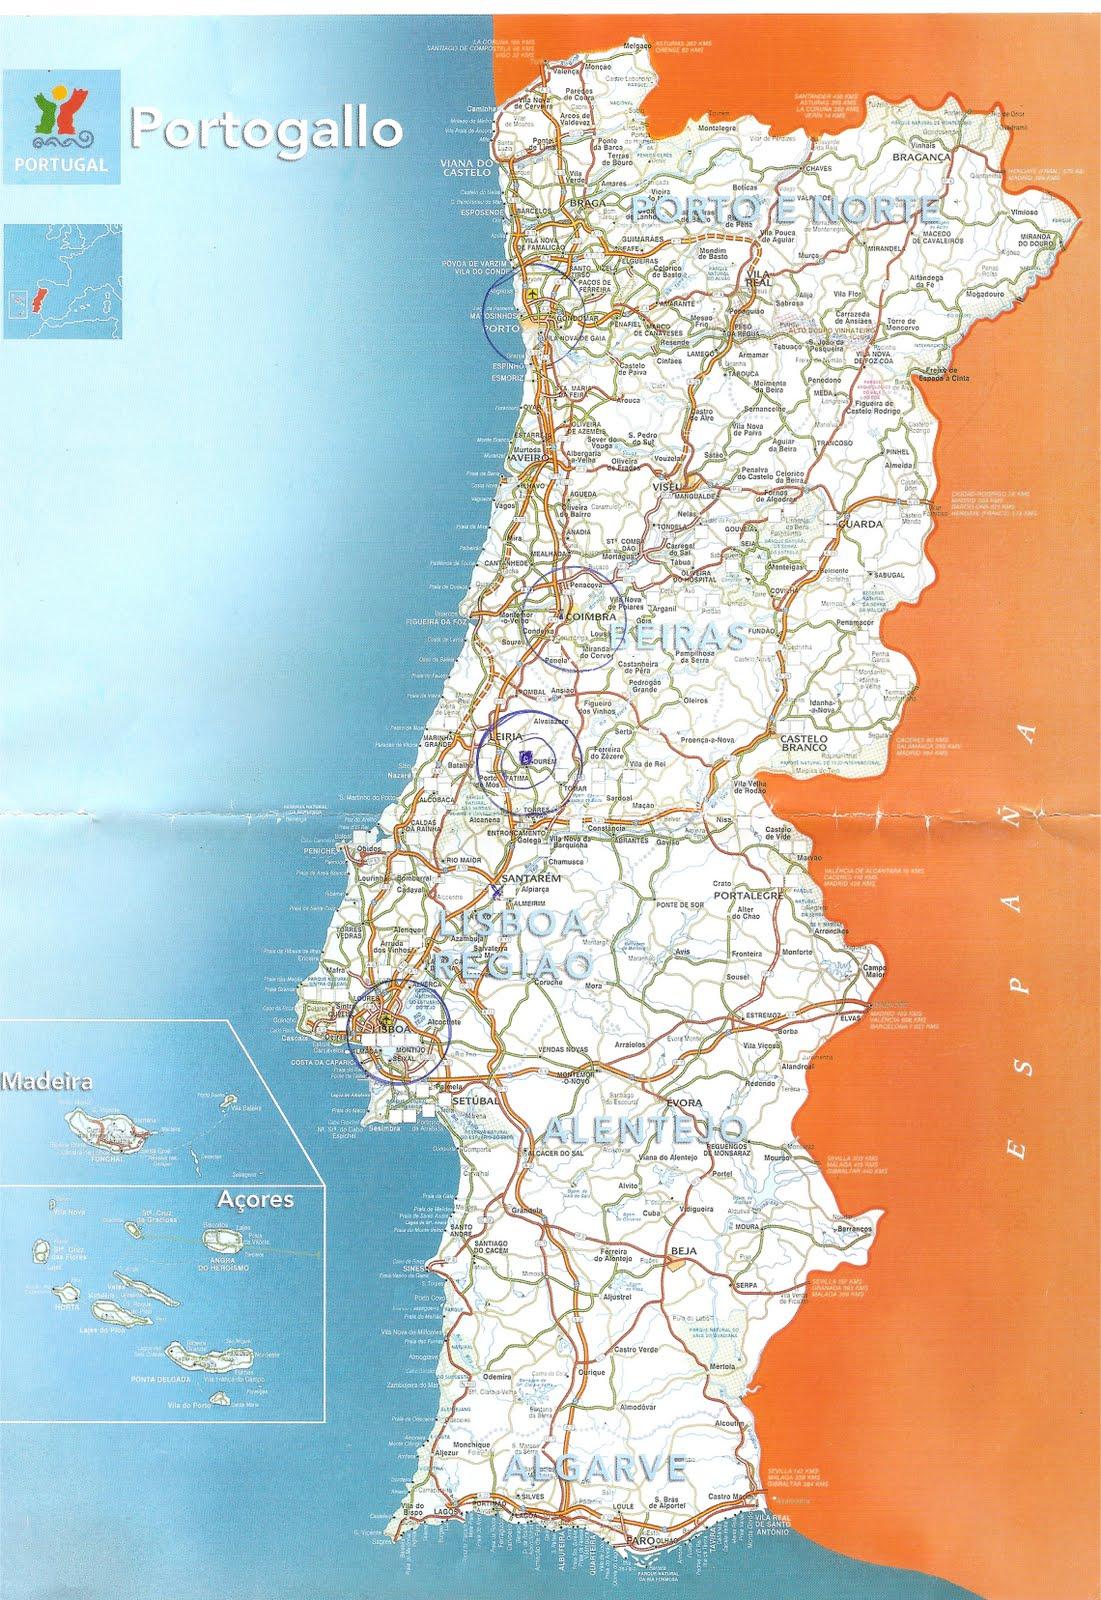 mapa de portugal hd DIÁRIO DE VIAGEM BILÁ BERNARDES: Chegamos em Lisboa mapa de portugal hd